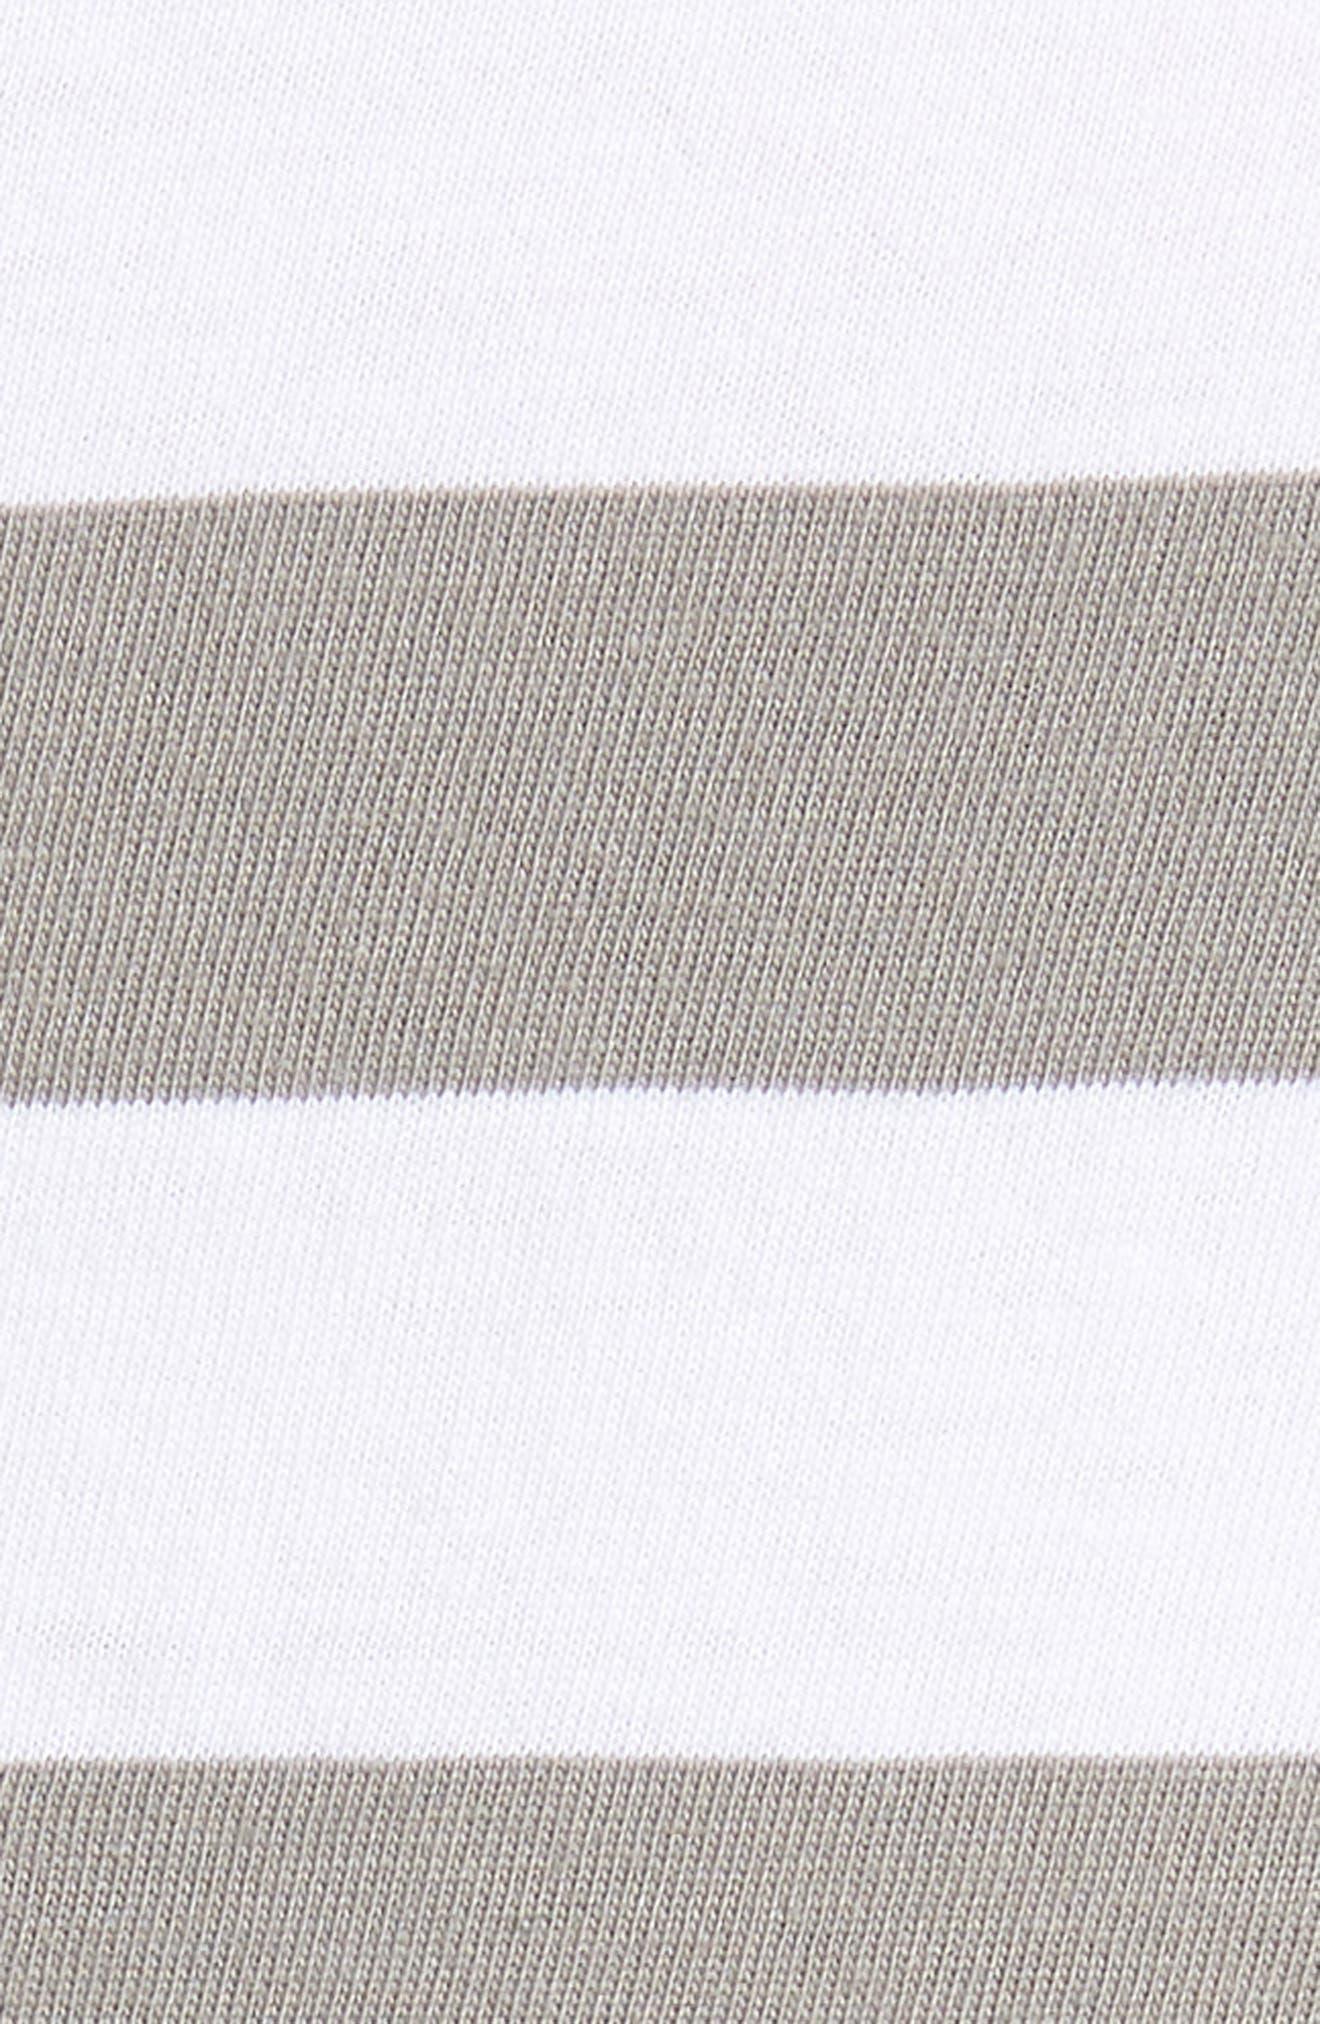 Stripe Reissue T-Shirt,                             Alternate thumbnail 5, color,                             Standard White